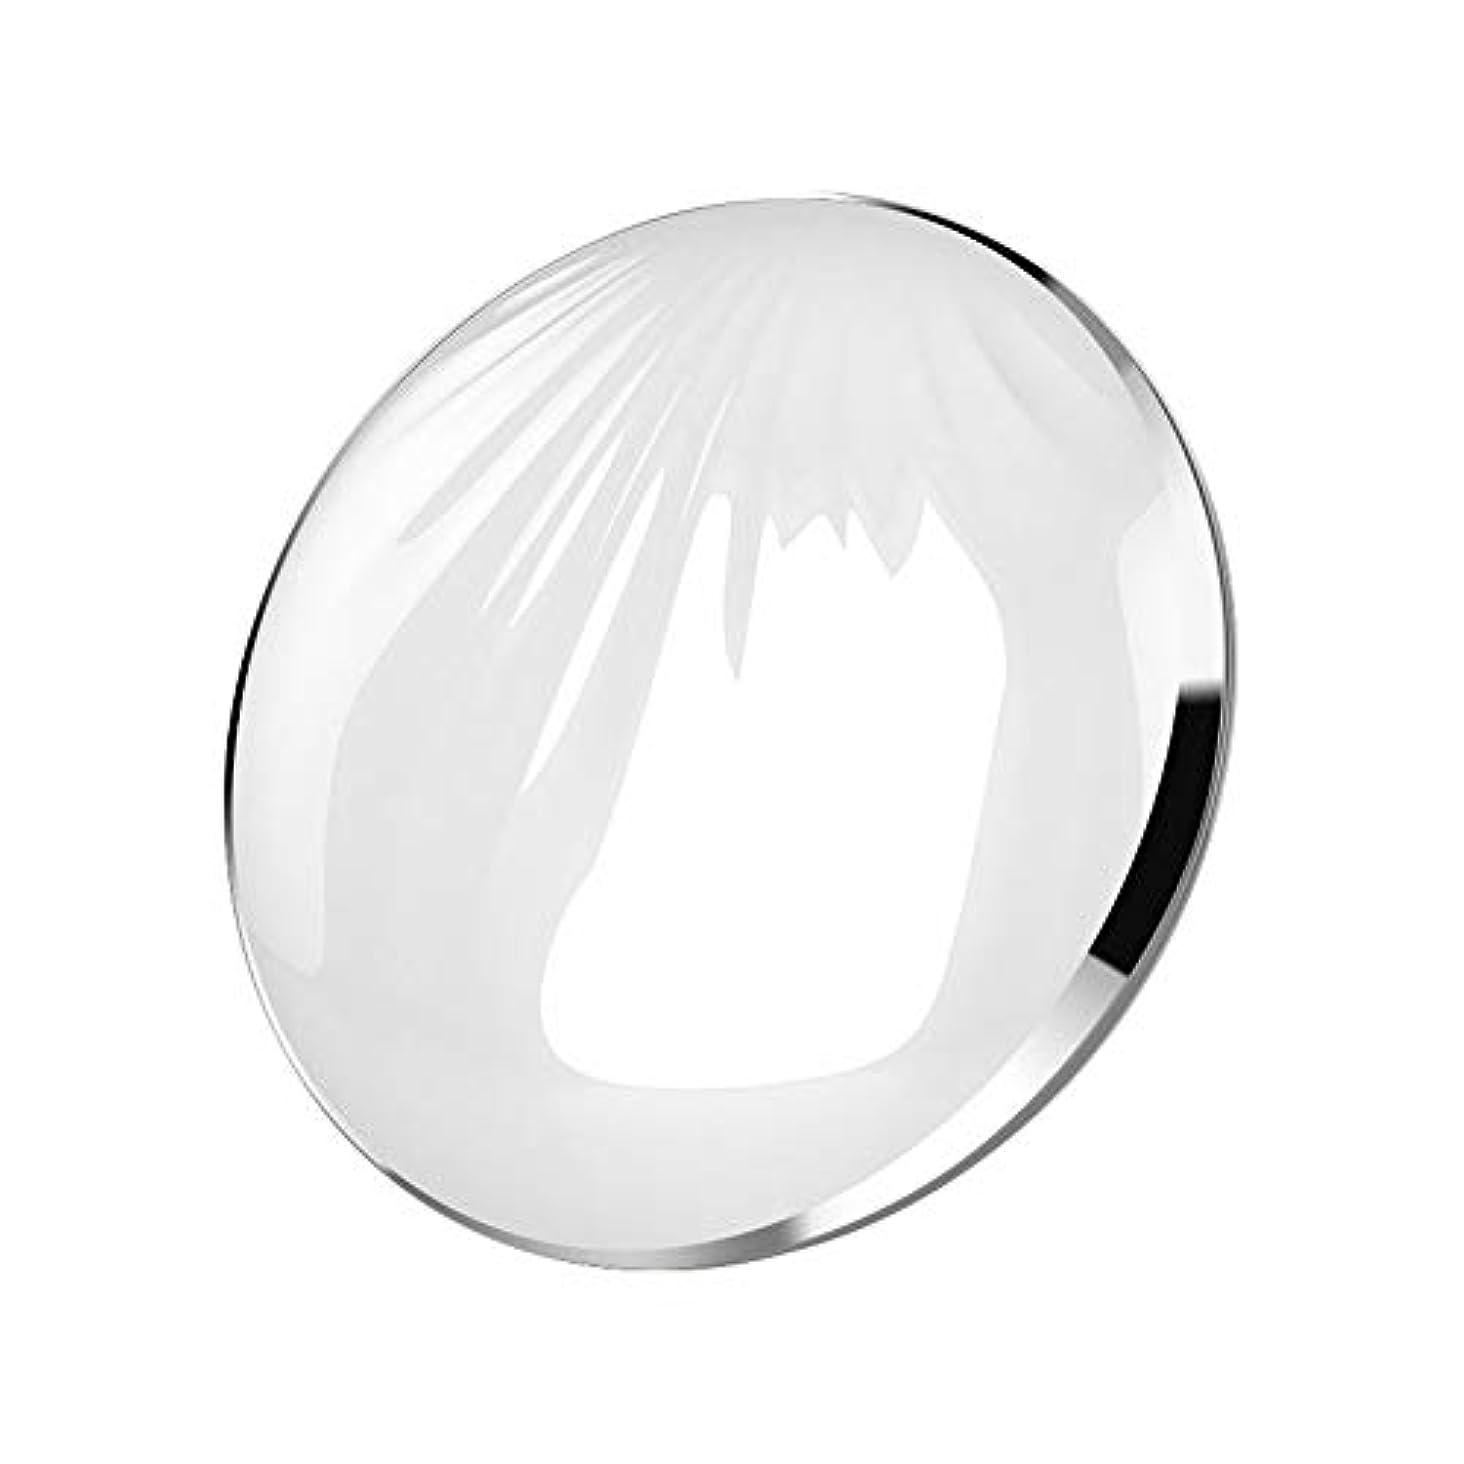 実験的保全体操流行の クリエイティブled化粧鏡シェルポータブル折りたたみ式フィルライトusbモバイル充電宝美容鏡化粧台ミラーピンクシルバーコールドライトウォームライトミックスライト (色 : Silver)